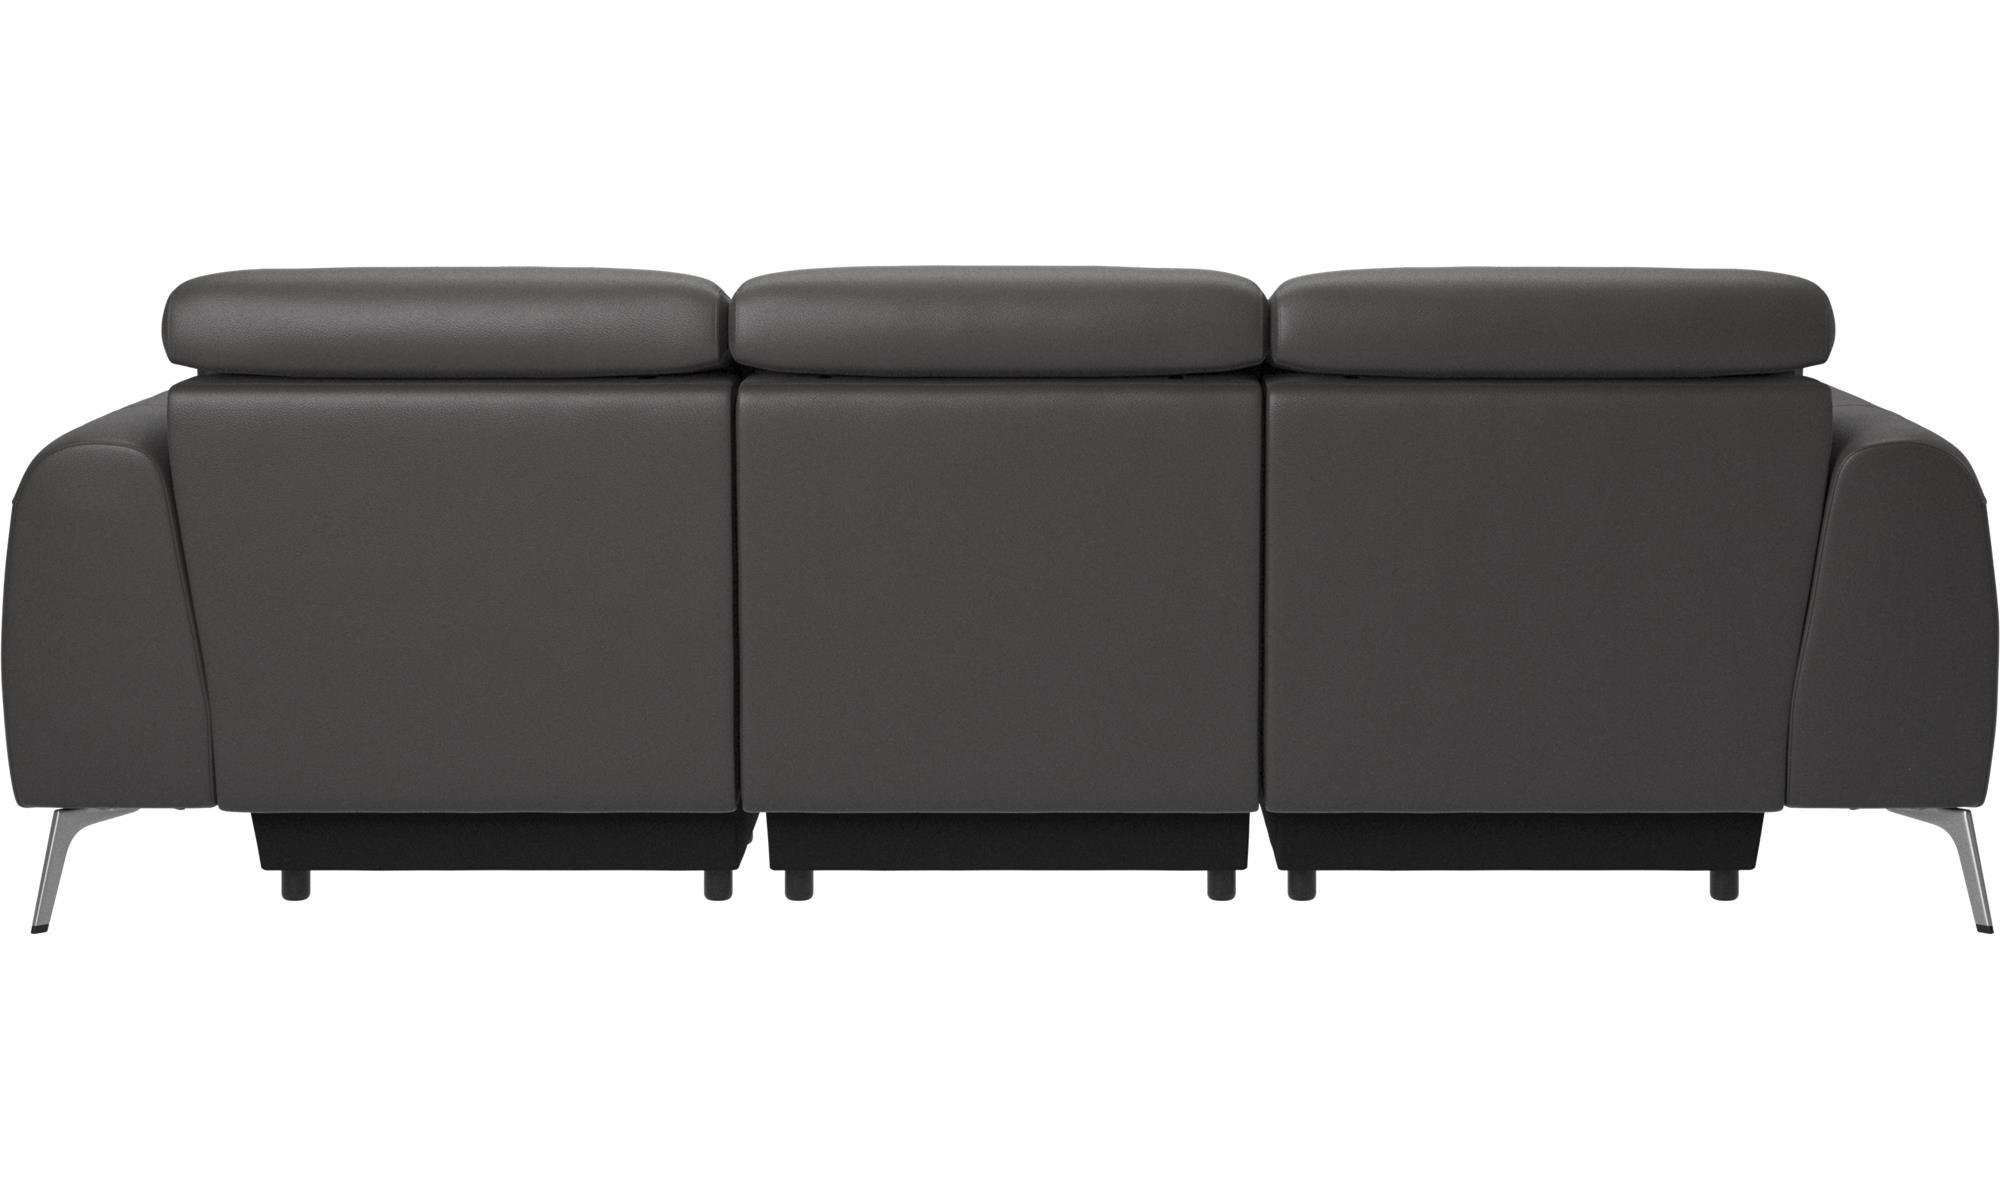 3 sitzer sofas madison sofa mit verstellbarer kopfst tze boconcept. Black Bedroom Furniture Sets. Home Design Ideas